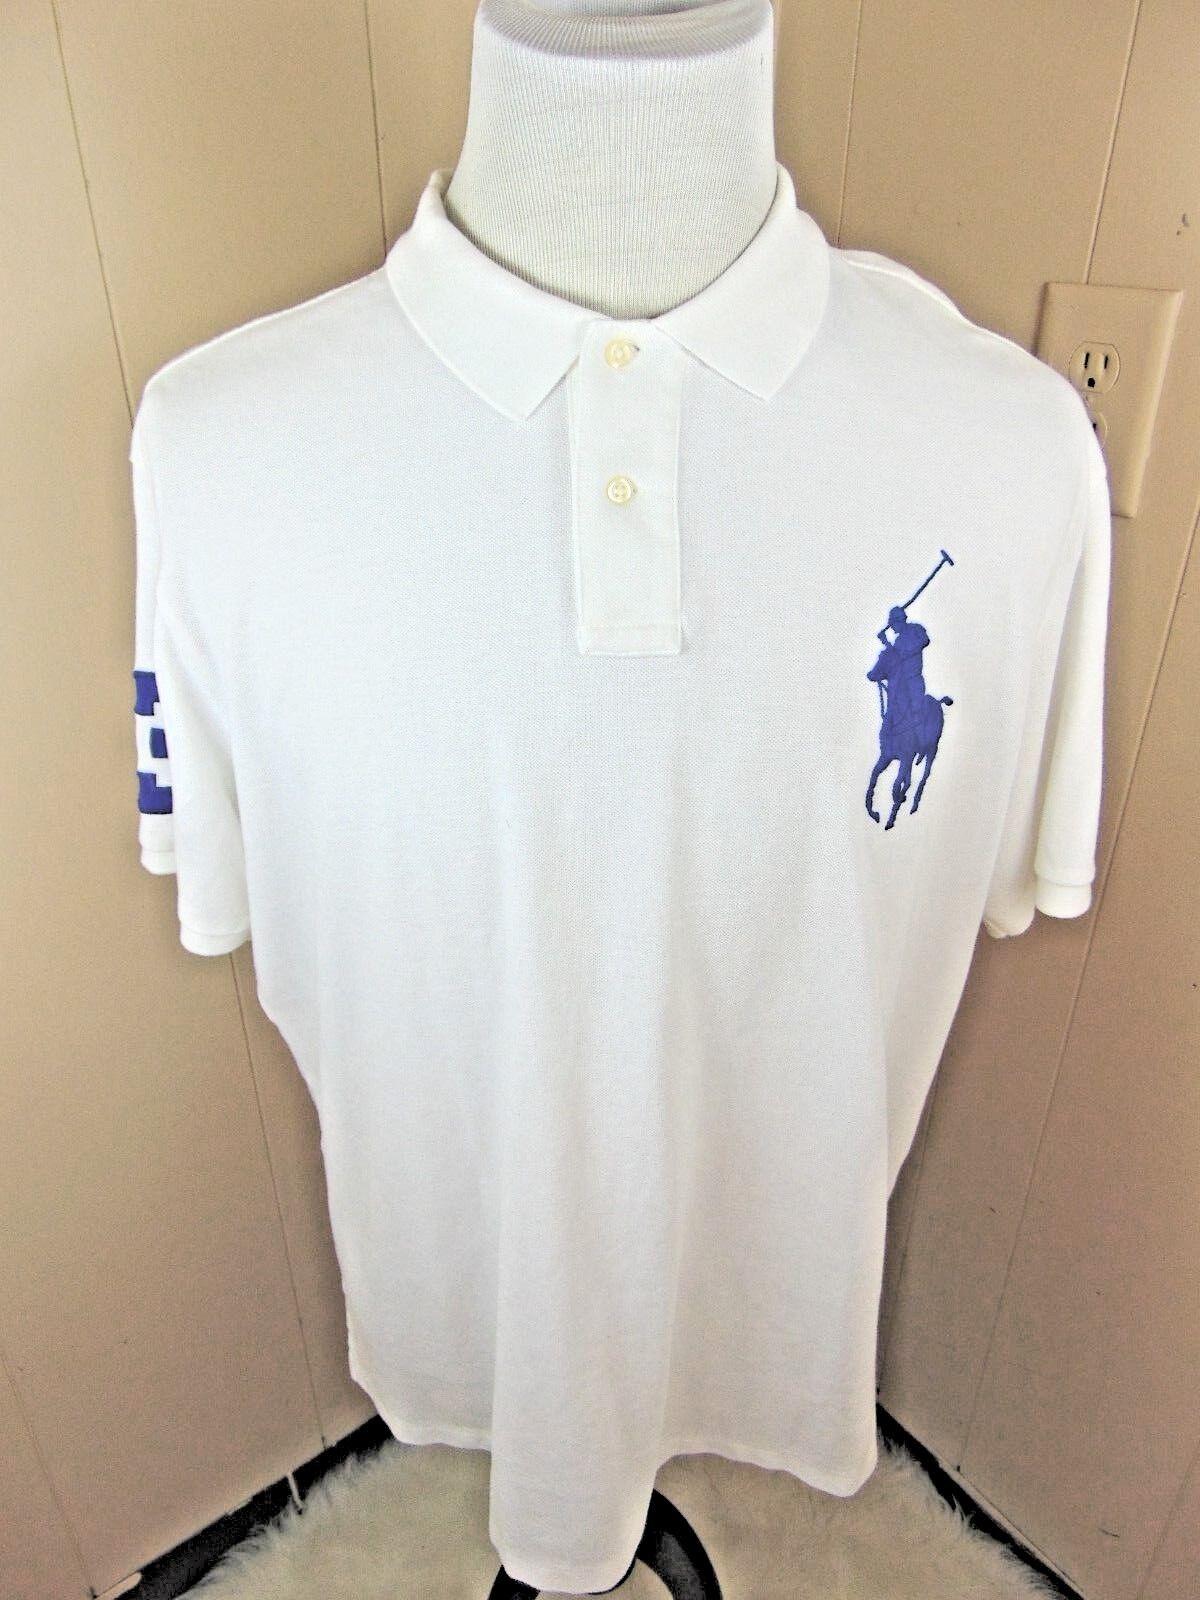 50d01a2e642 Polo Ralph Lauren XXL Slim Fit Big Pony Mesh Pique Knit Arm Big bluee  PonyBRL